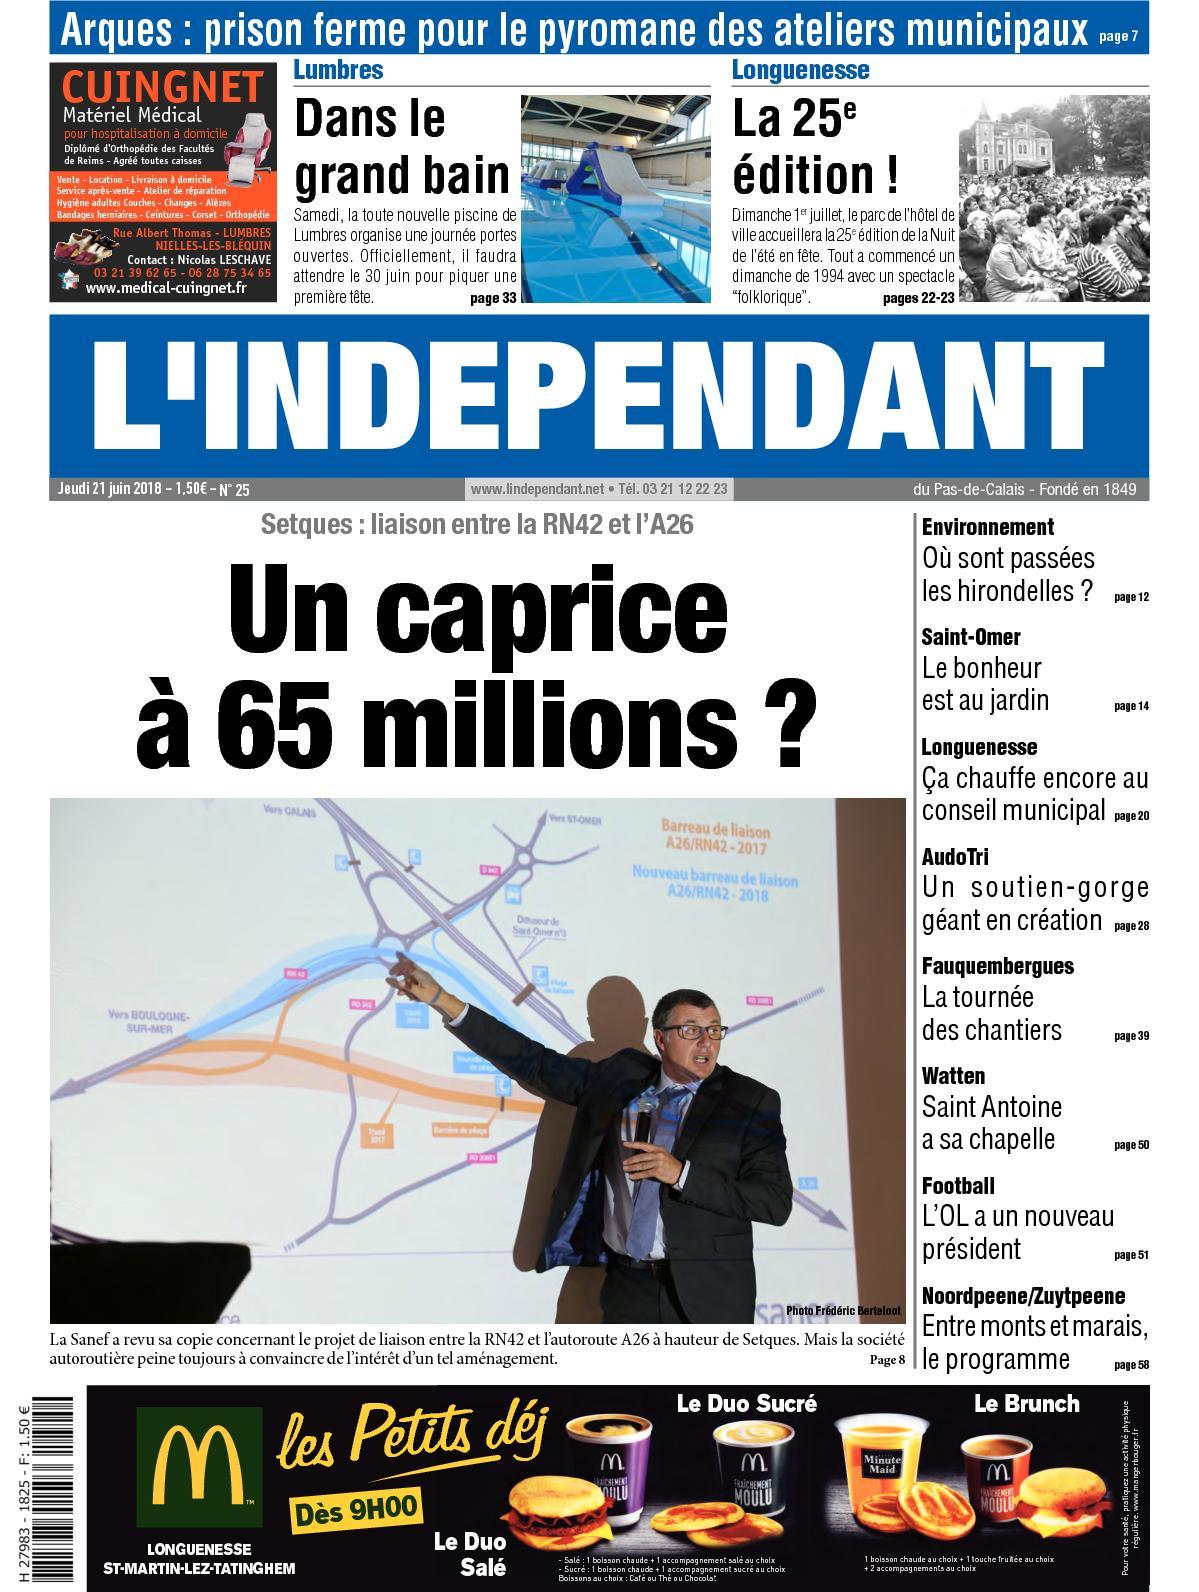 Calaméo - L indépendant Semaine 25 2018 5f215ced536c